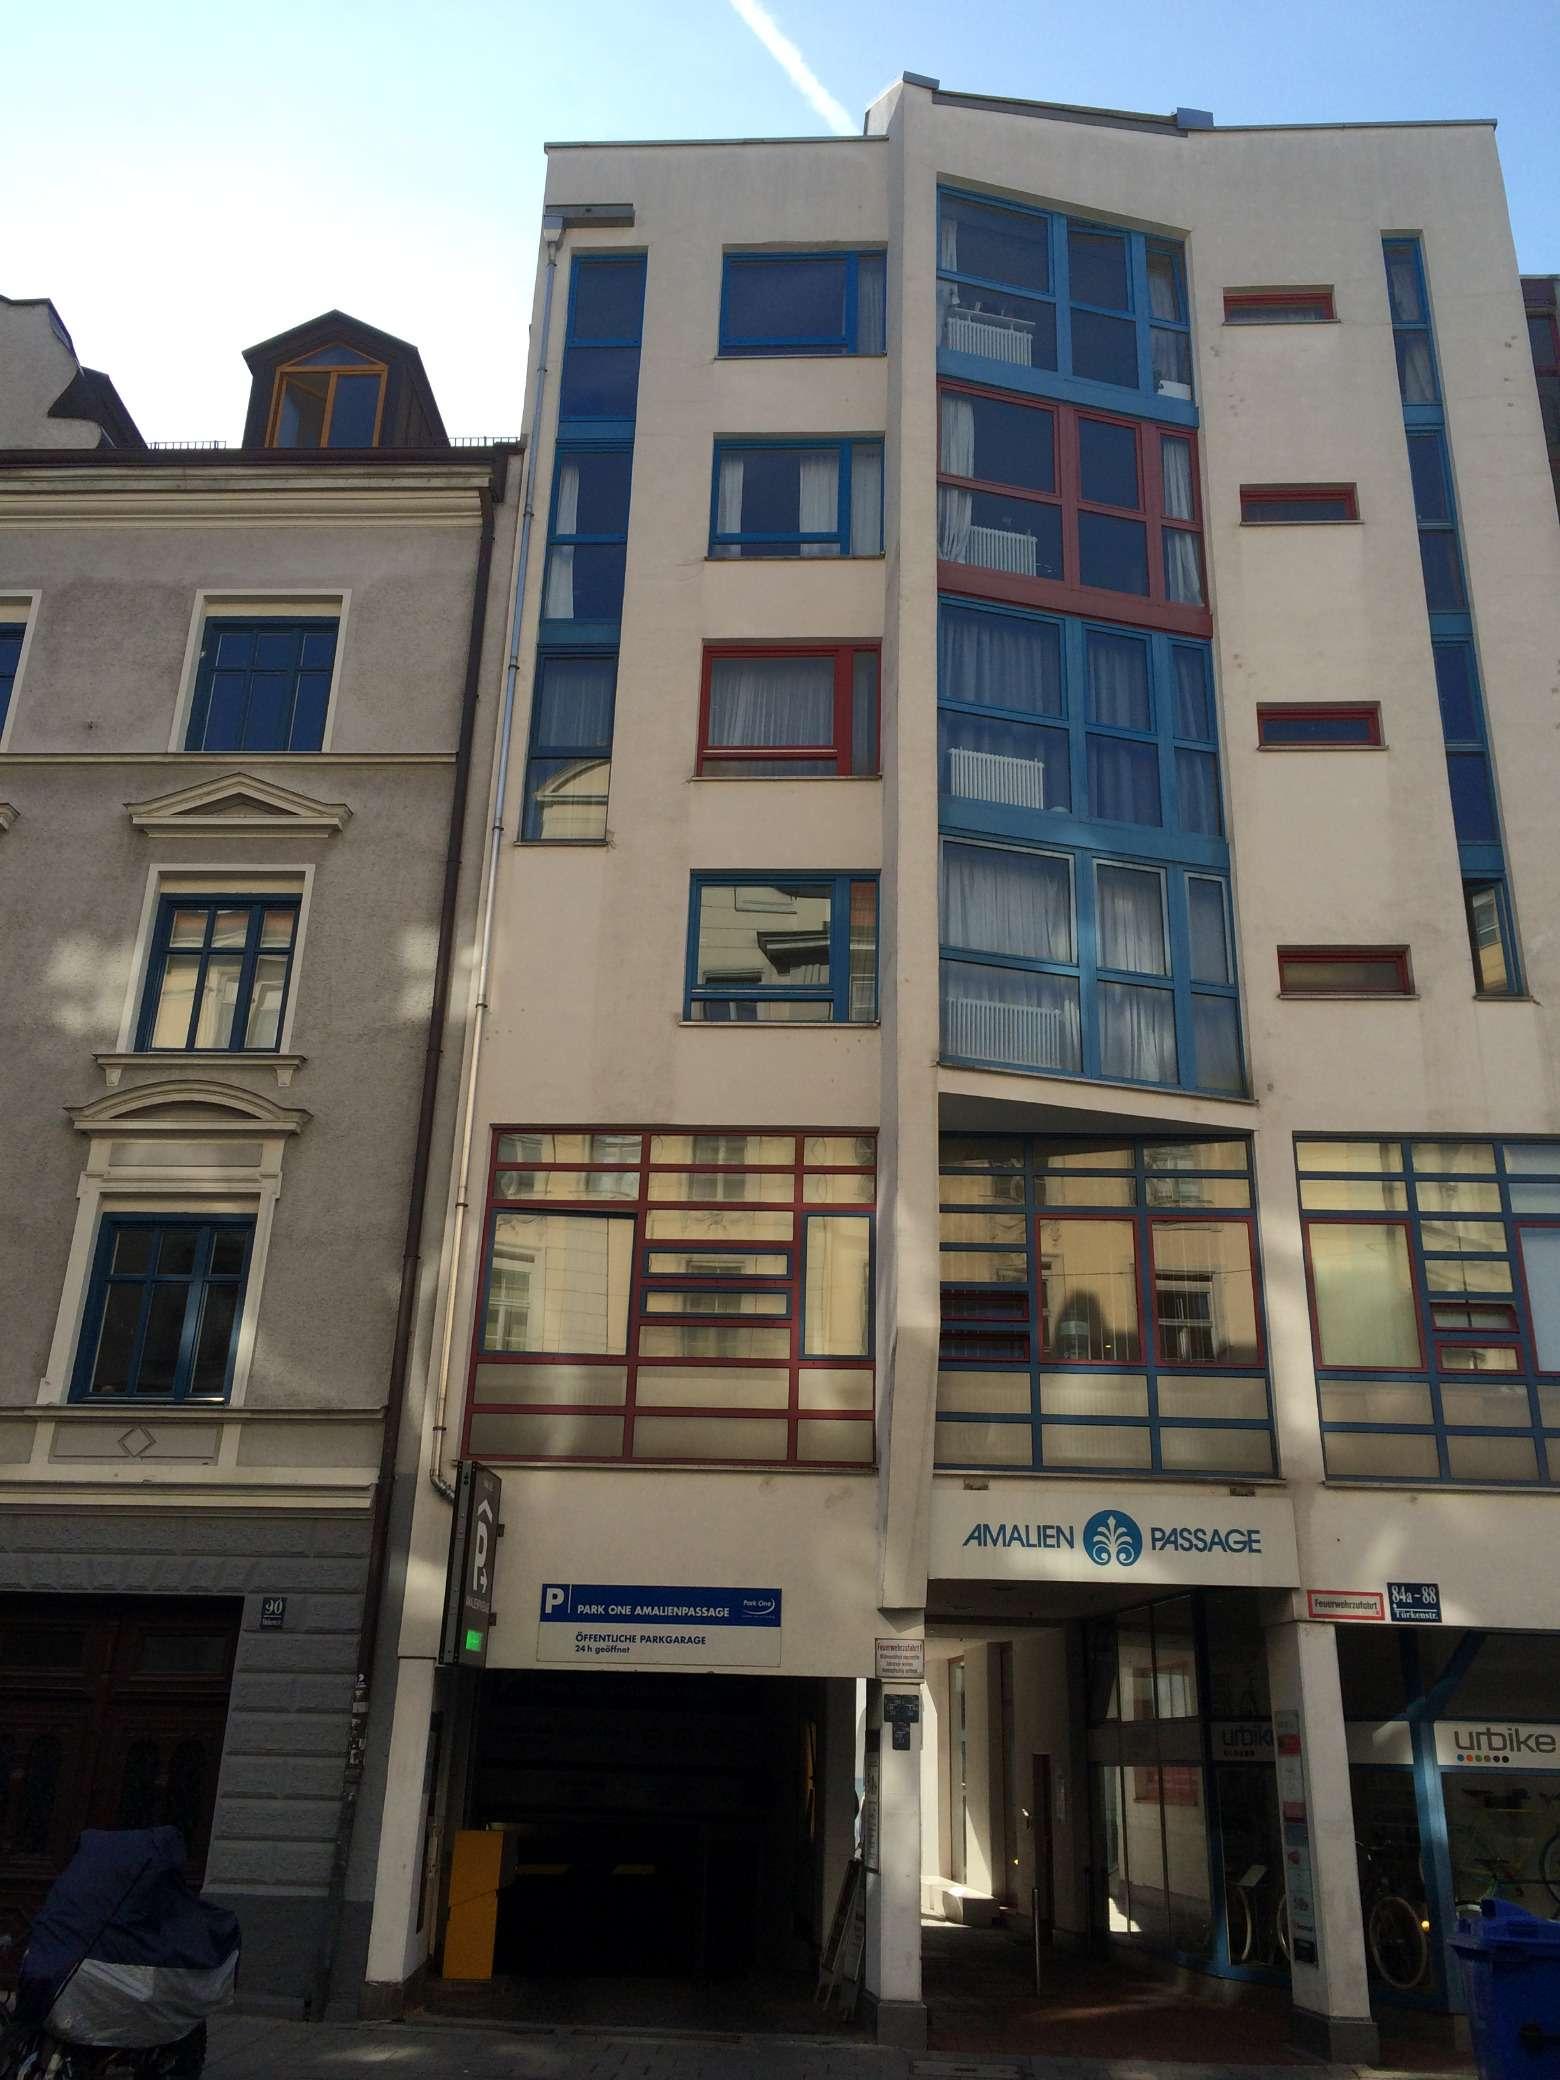 Traumlage Amalienpassage, an der Uni: Attr. möblierte 1,5-Zimmer-Single-Wohnung m. Balkon in Maxvorstadt (München)